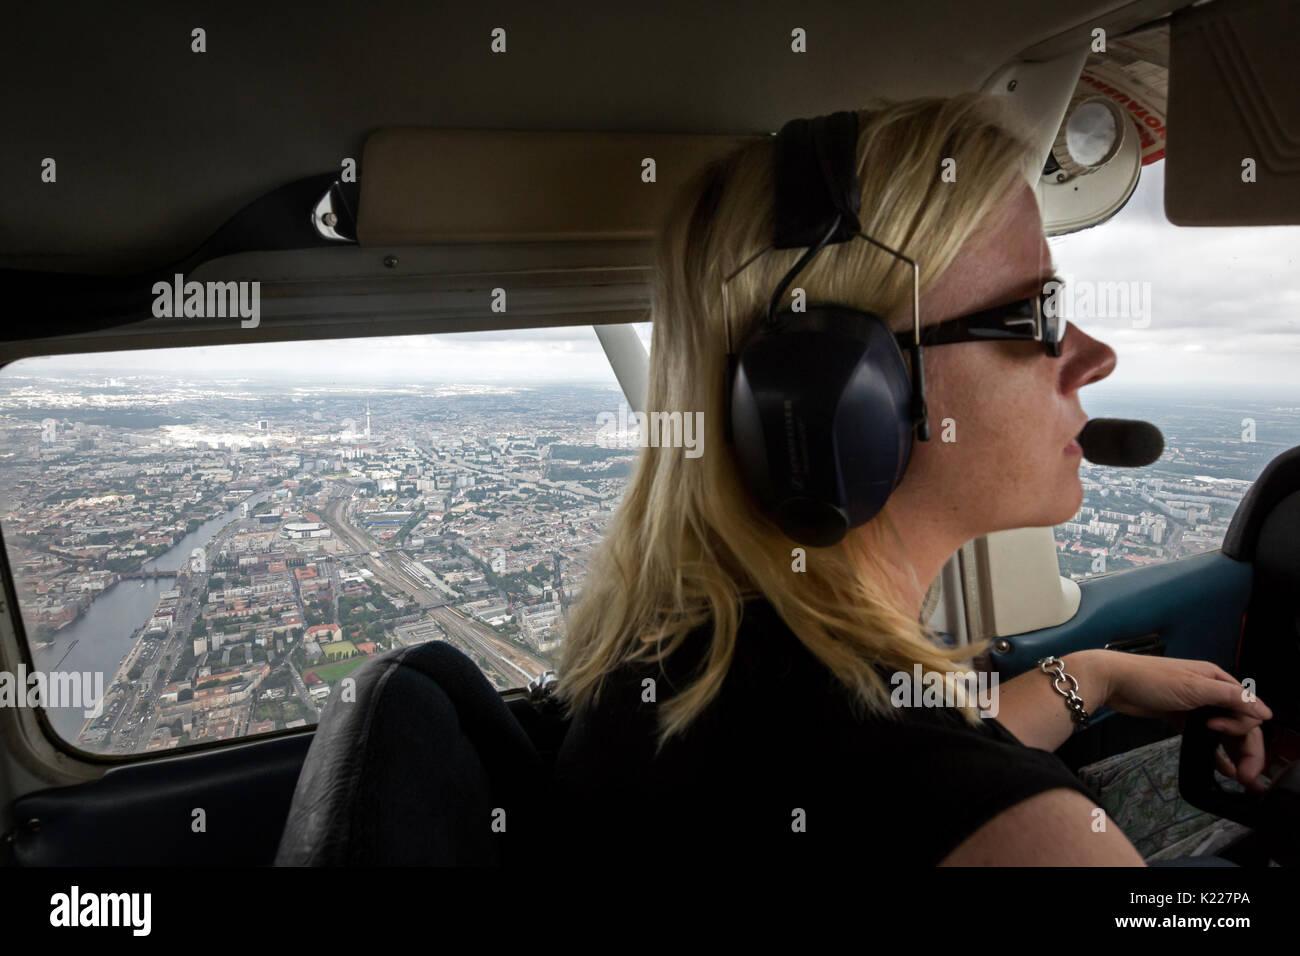 Jamie Pilot und radio Journalist bei RBB Antenne Brandenburg, Sandra Fritsch fast täglich überwacht die morgen Auto Verkehr auf den Straßen und Autobahnen Stockbild